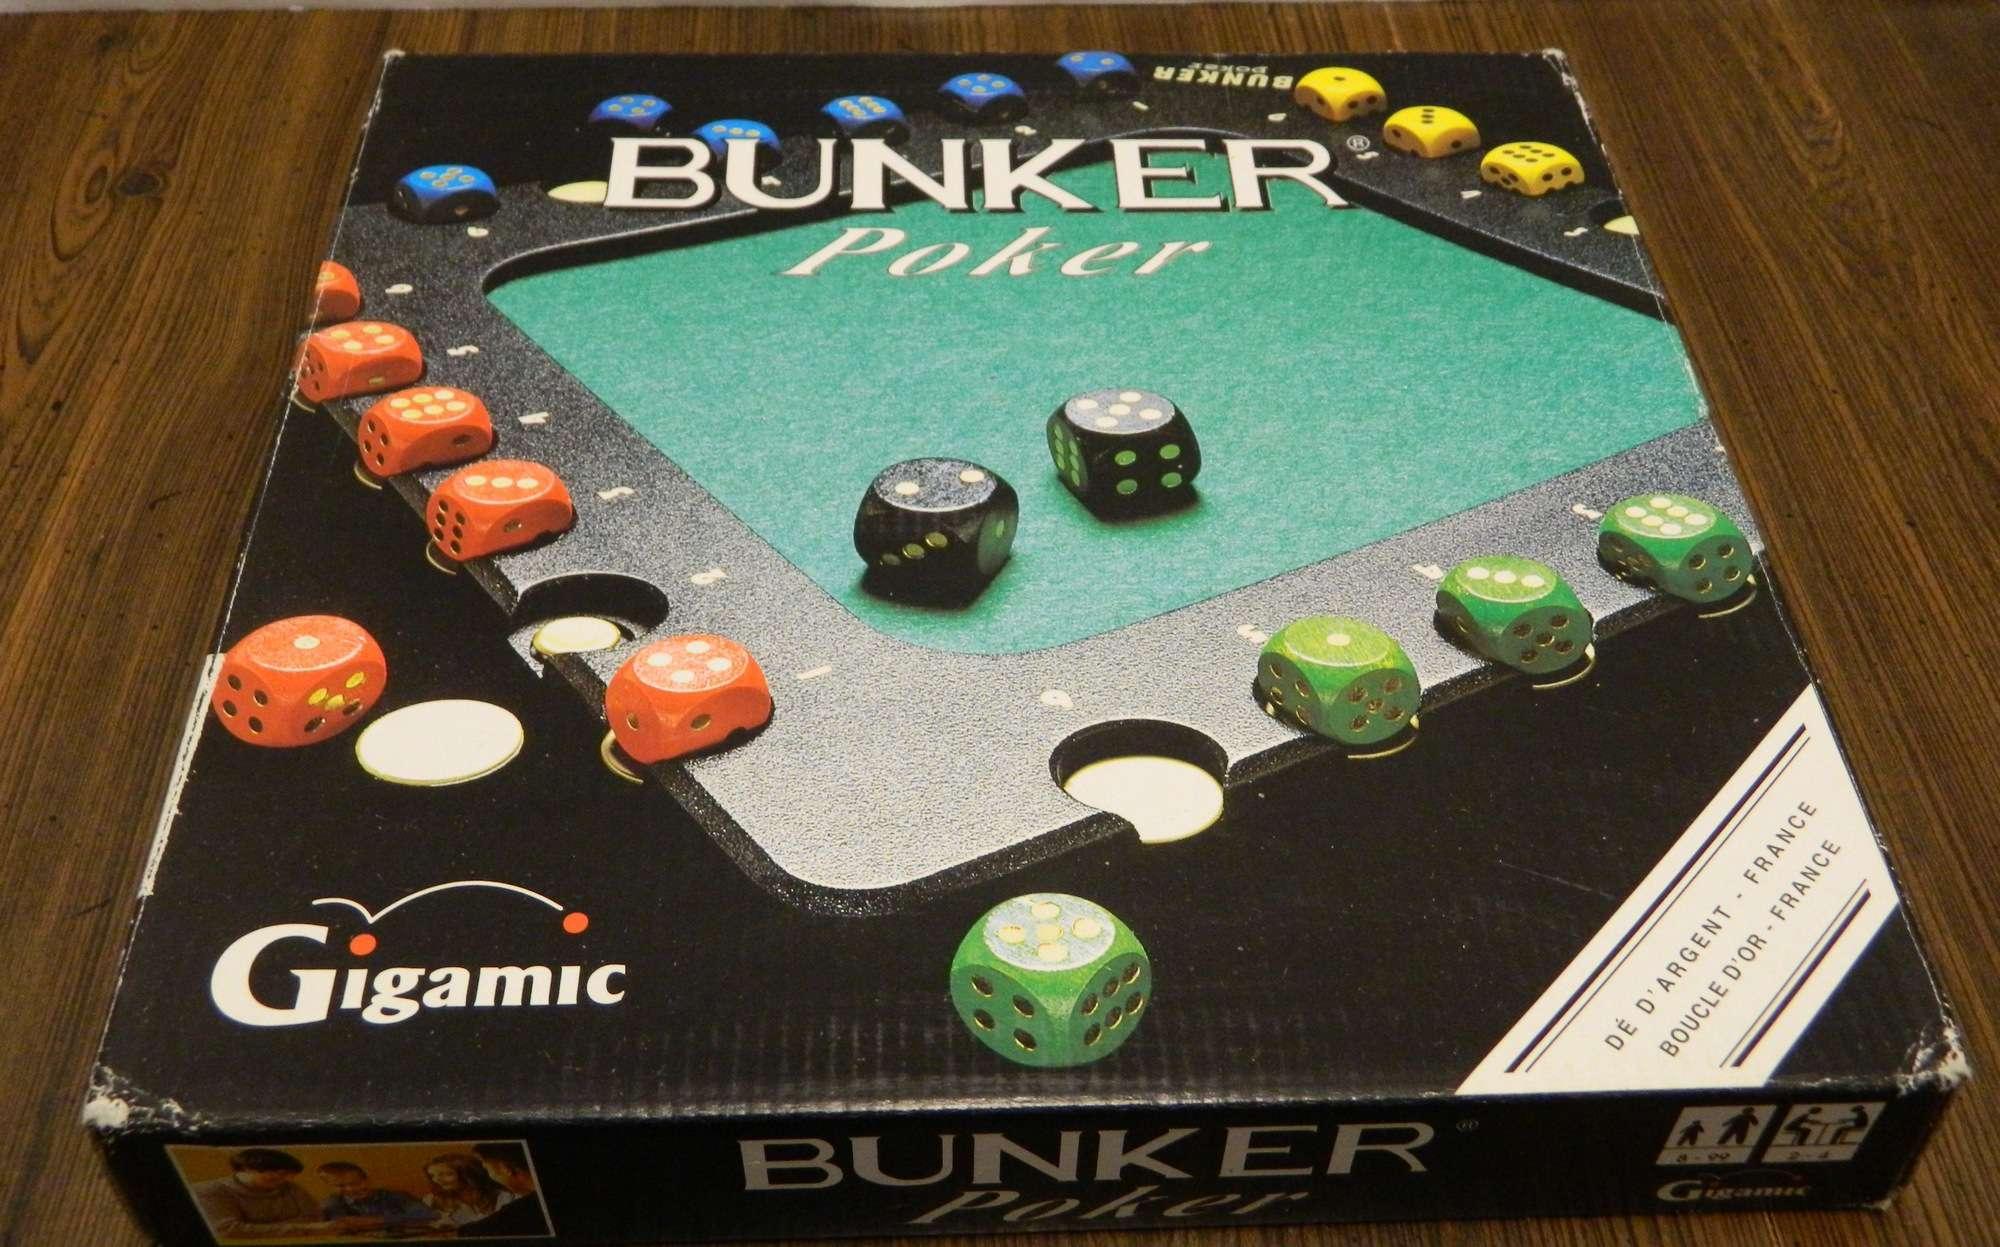 Bunker Poker Box